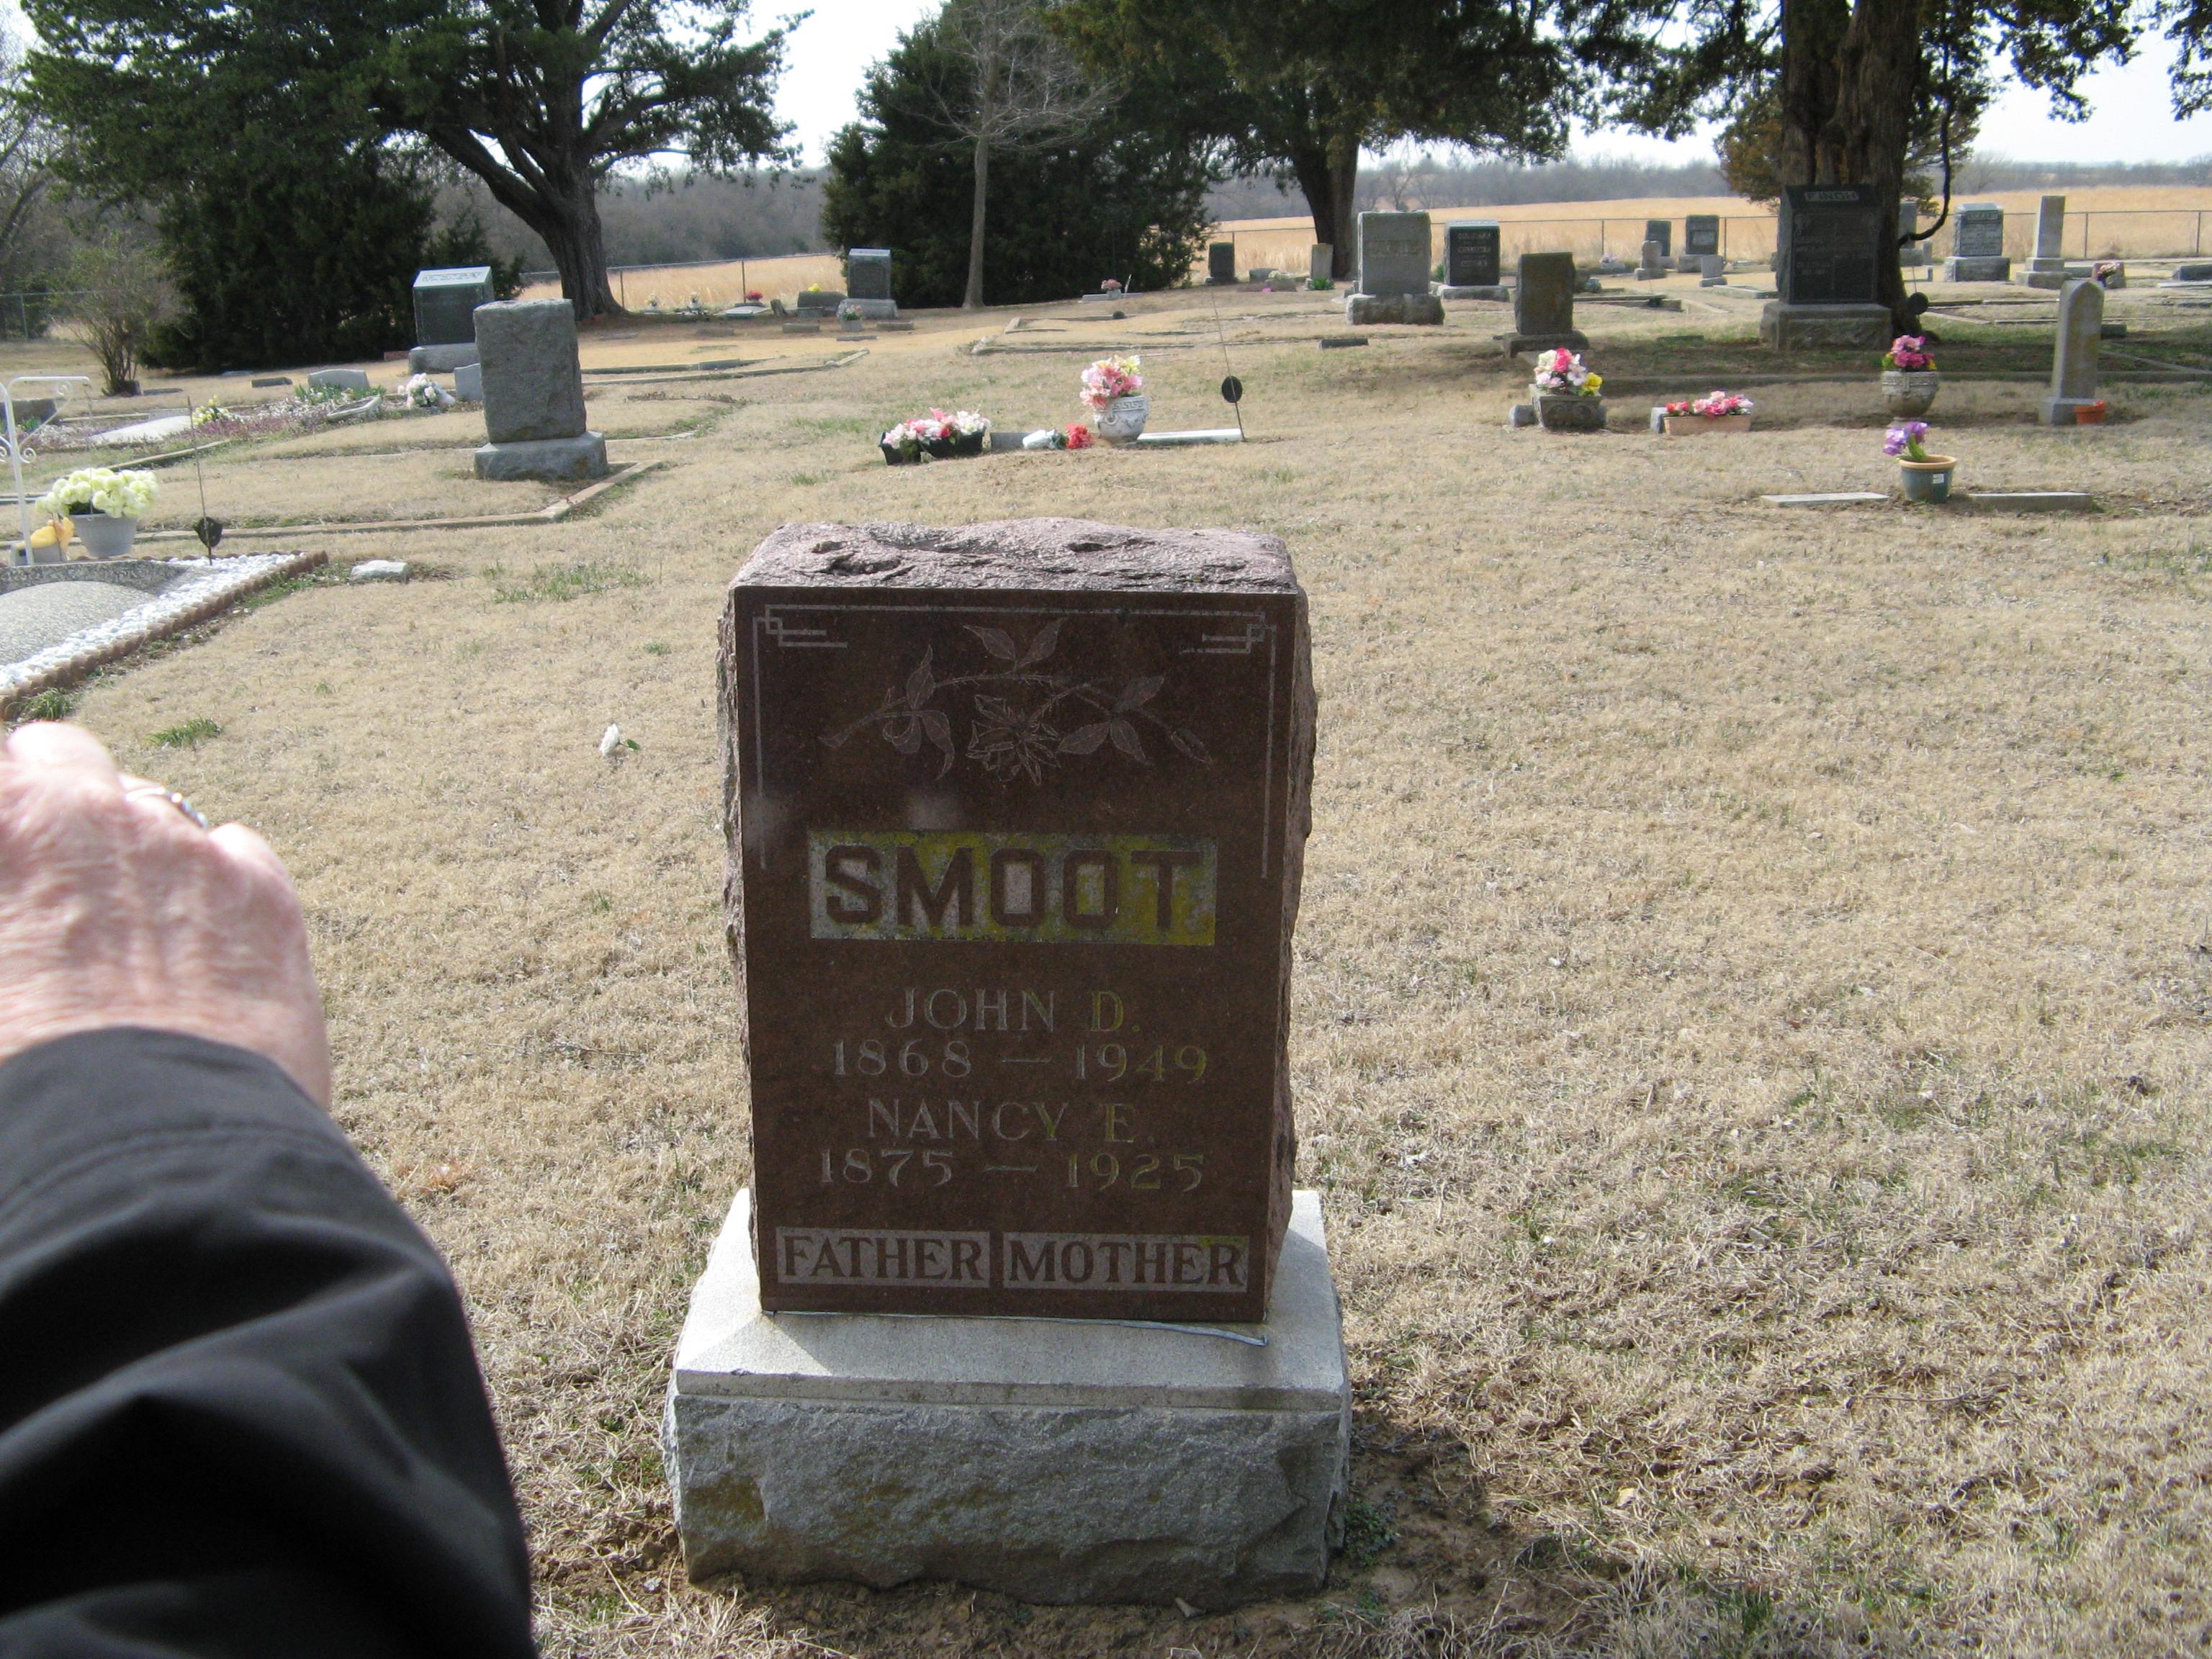 John D Smoot